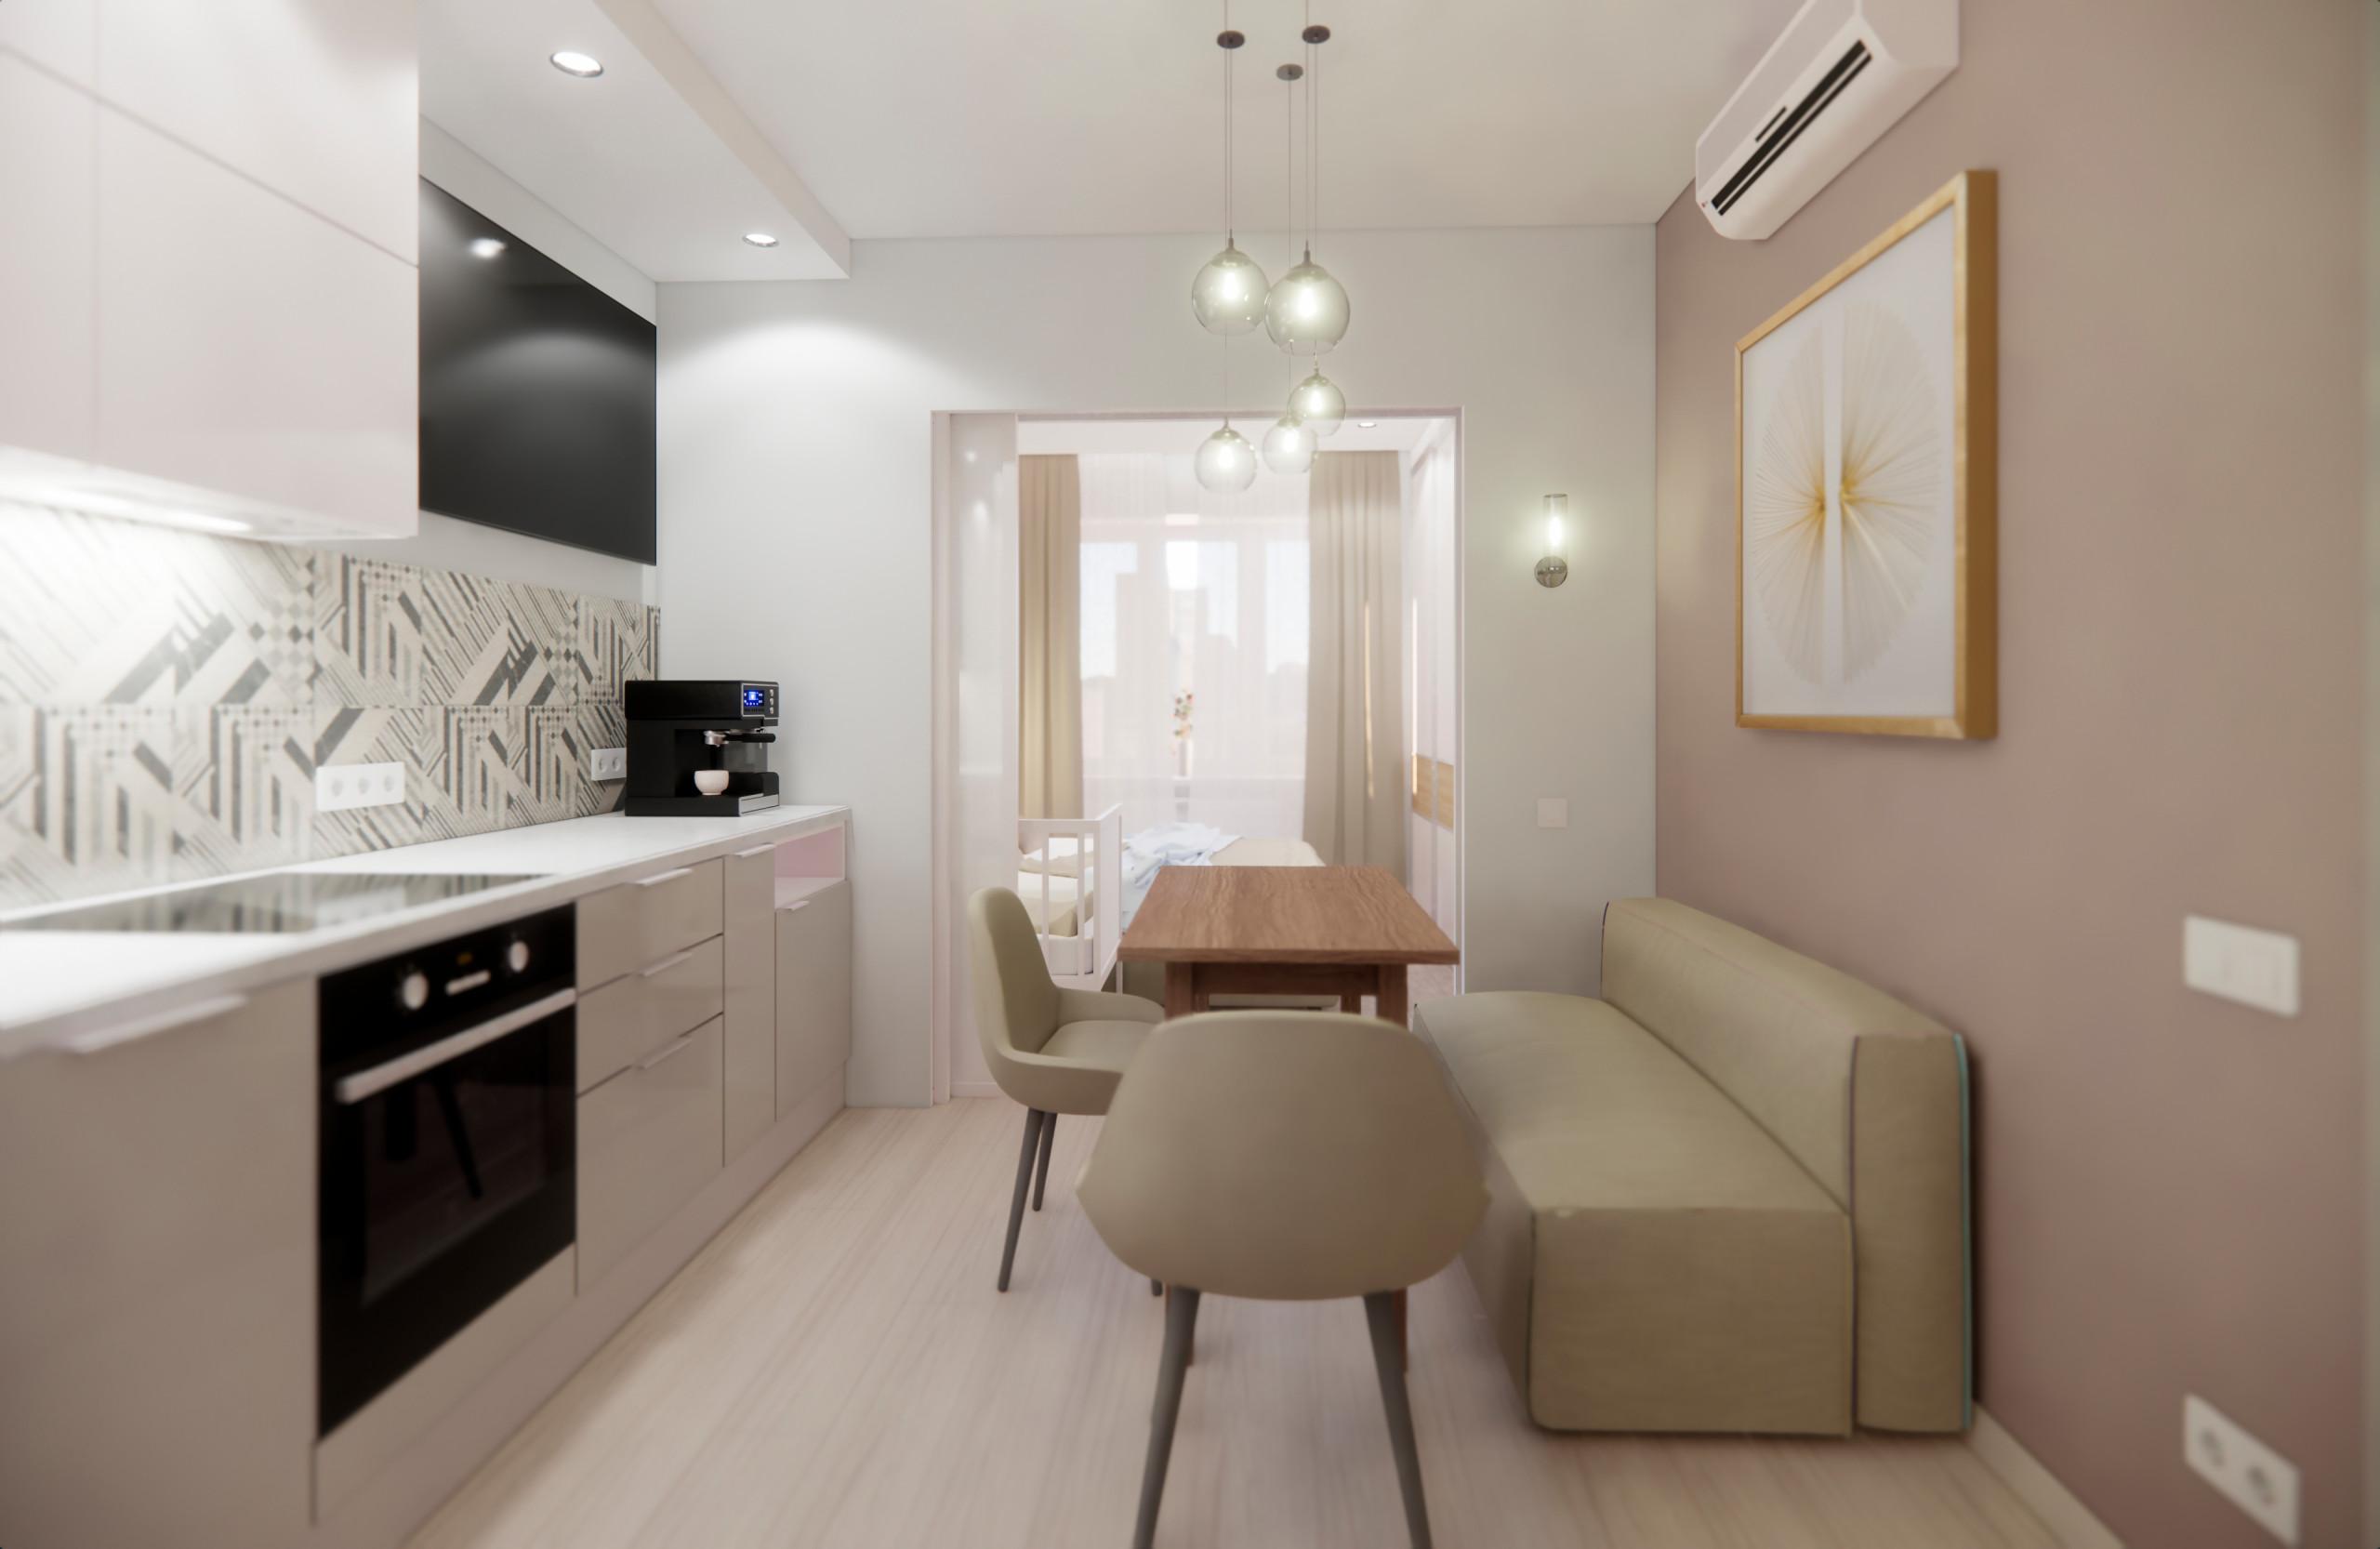 Квартира в минималистичном стиле в Пушкино - прихожая, кухня и гостиная